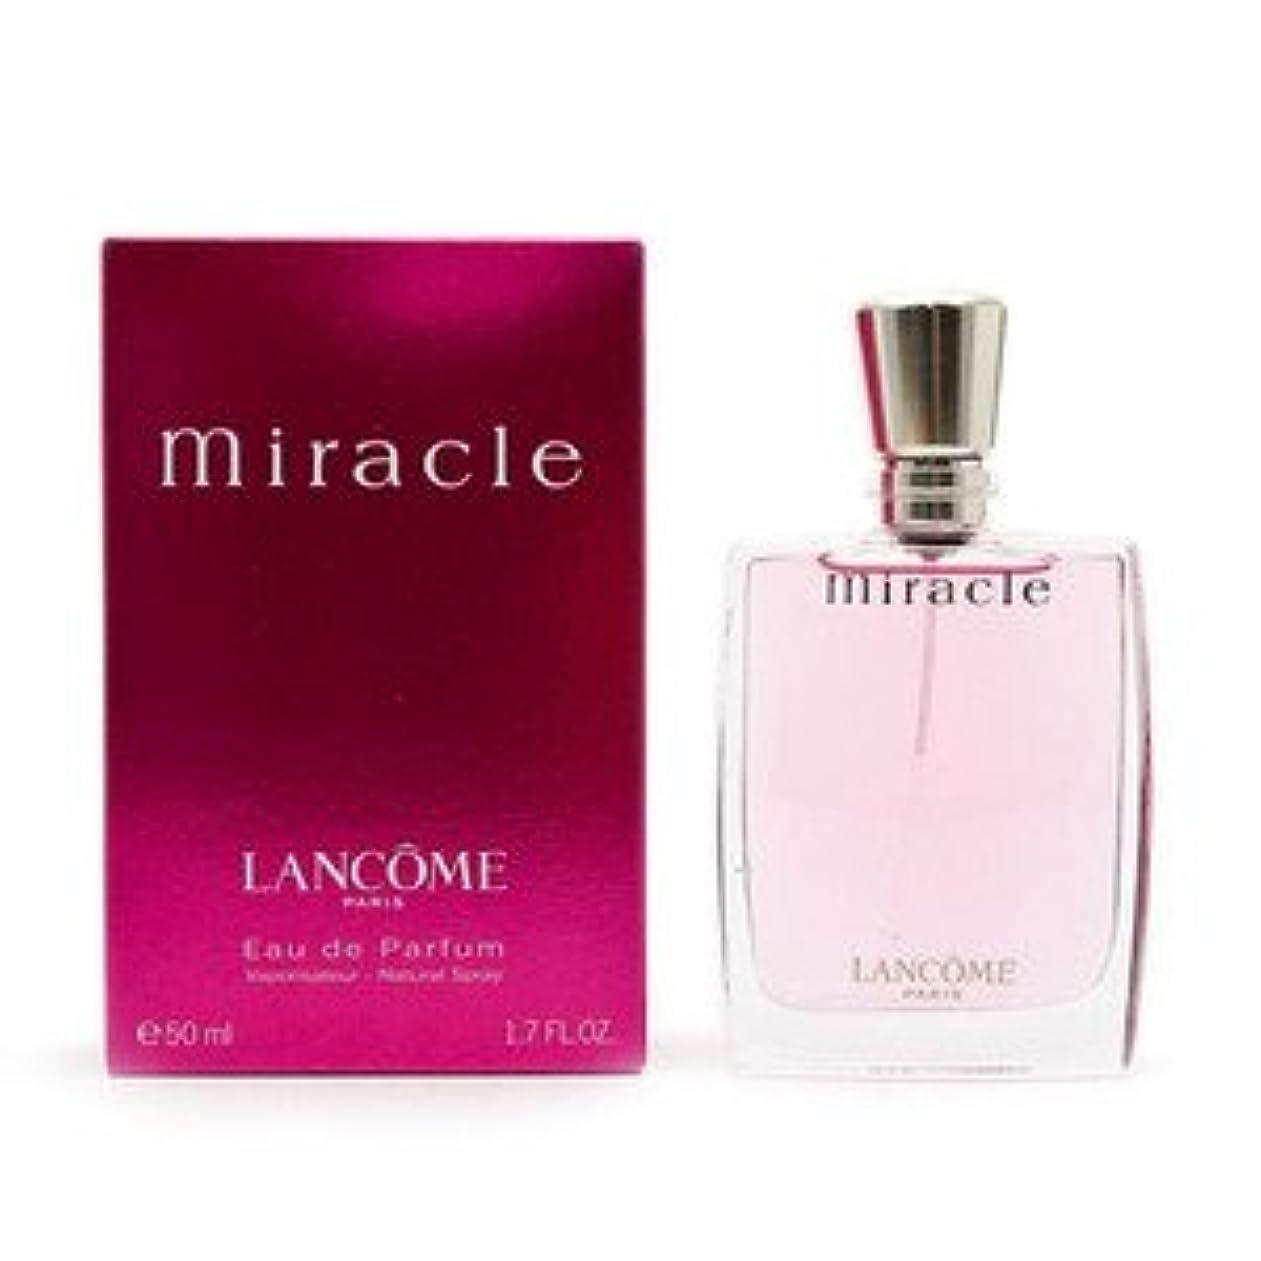 ランコム LANCOME ミラク オードパルファム EDP 50mL 香水